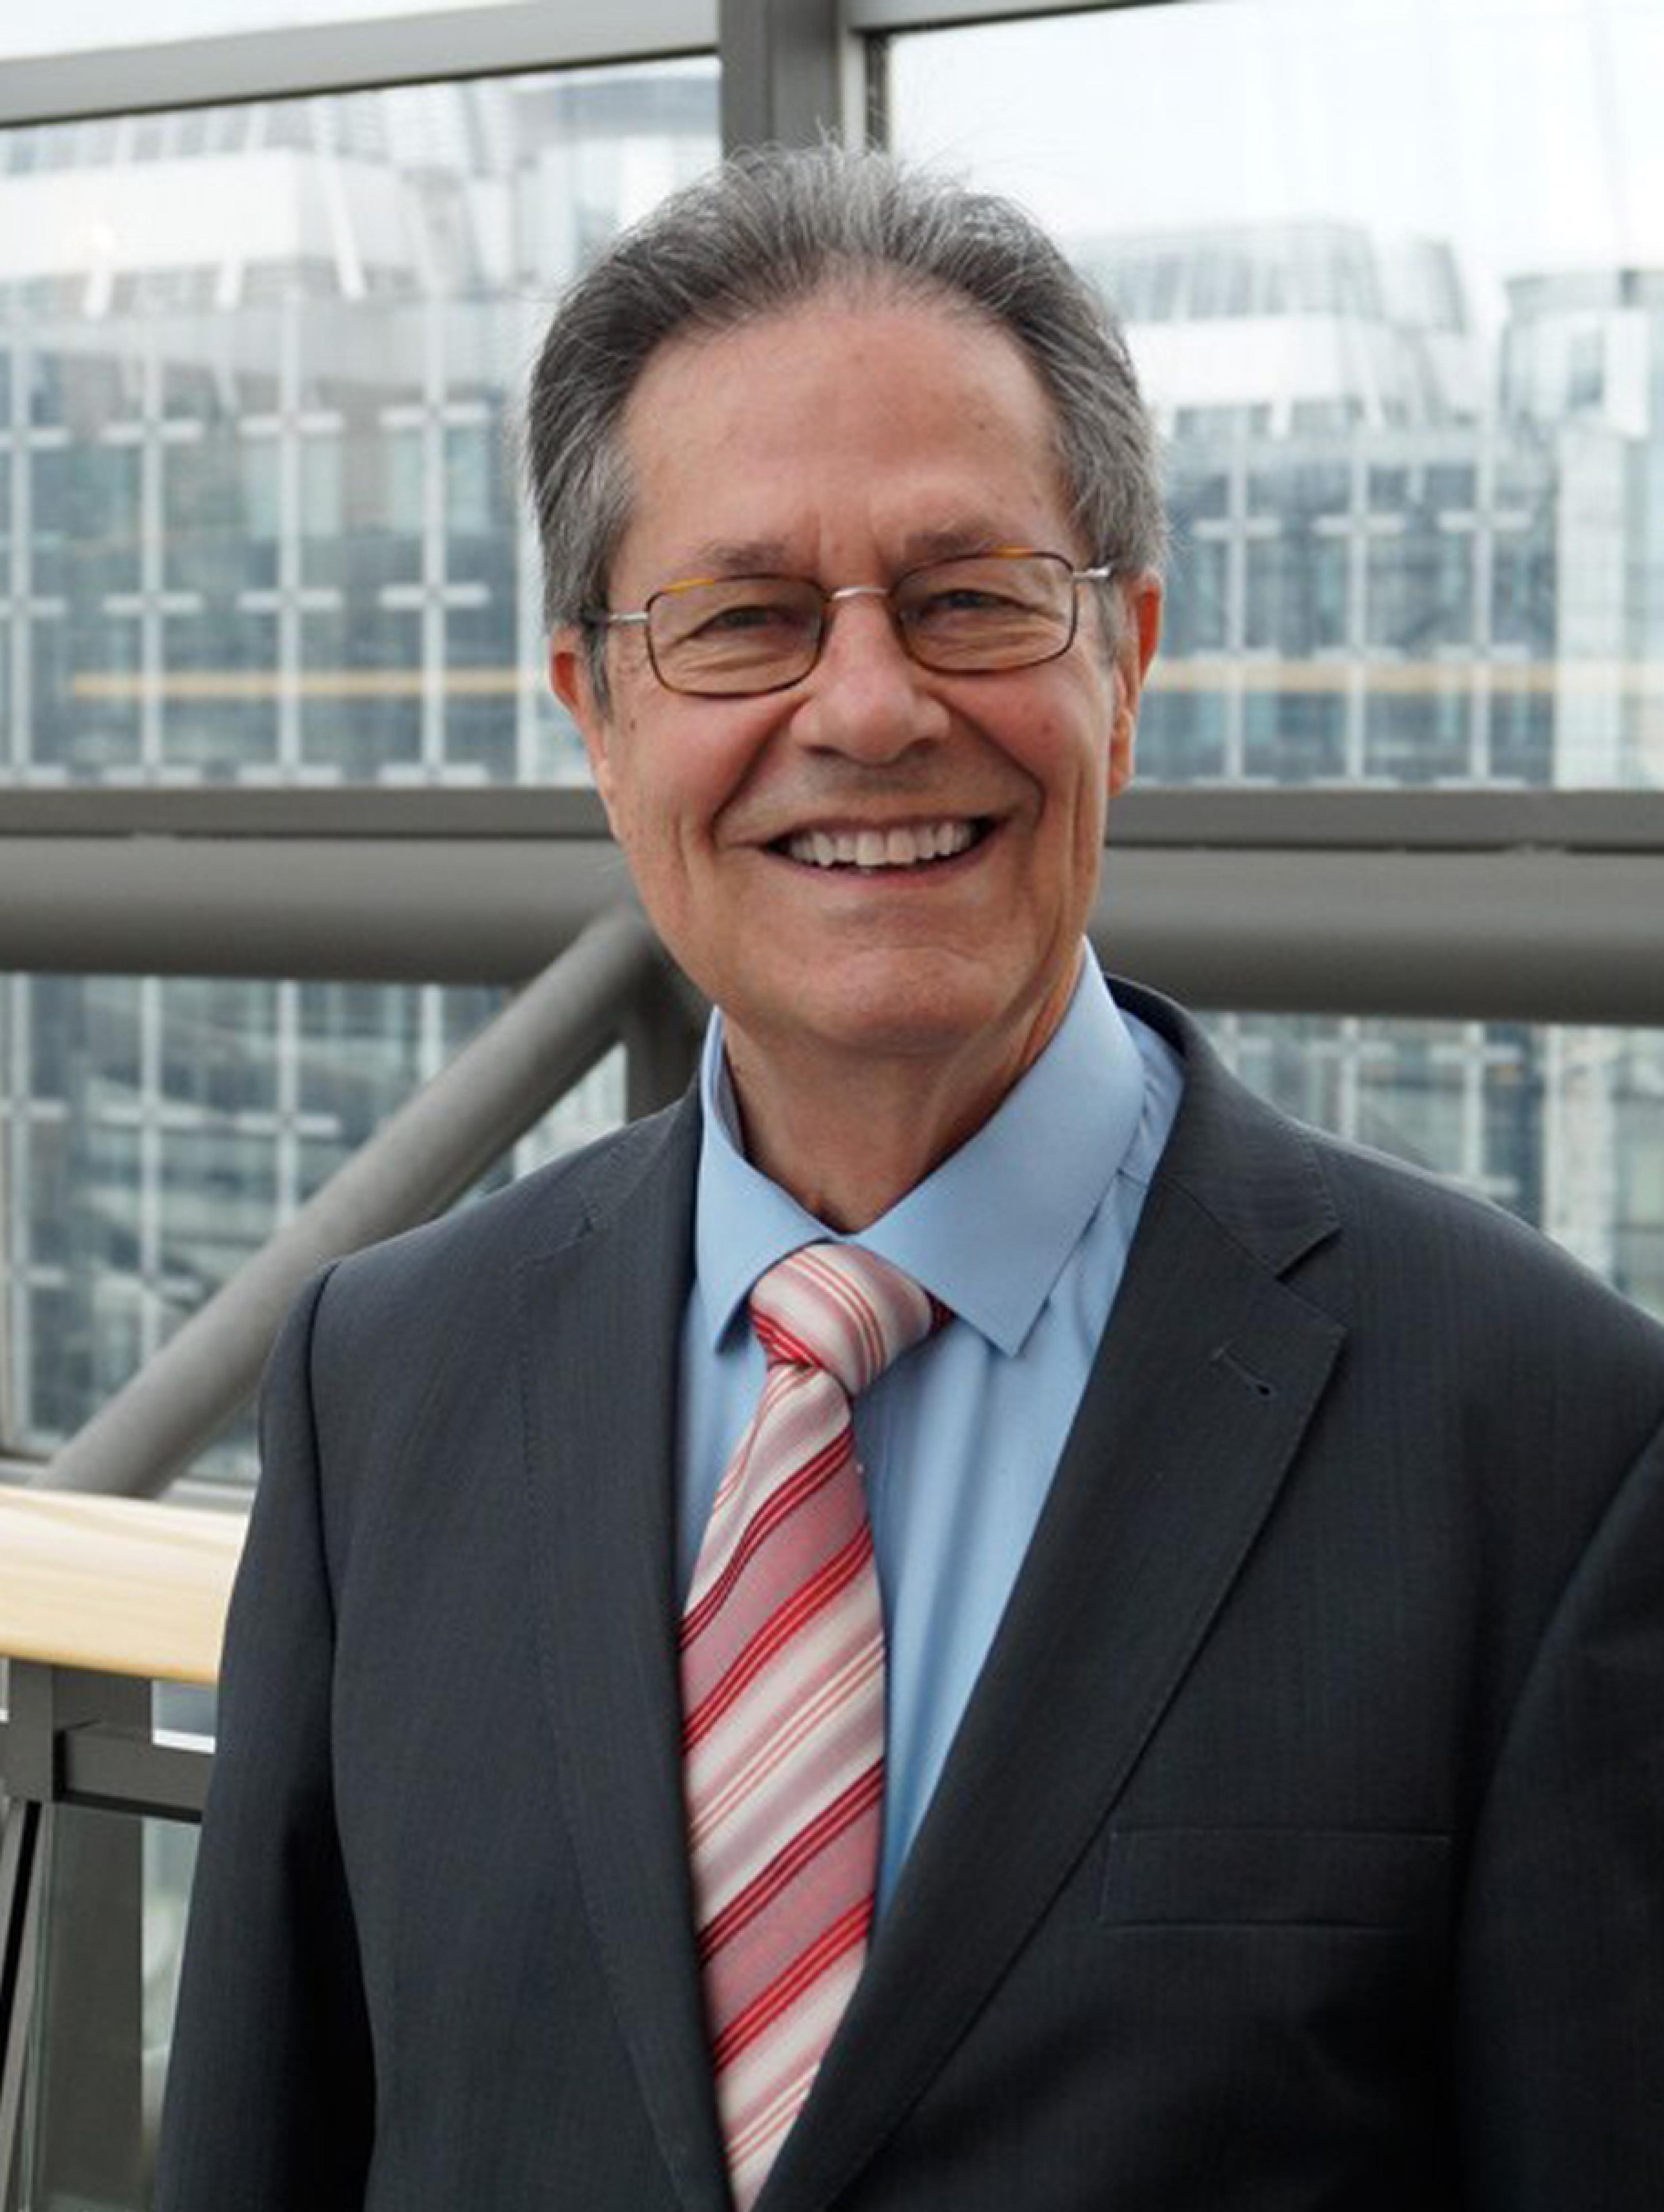 Klaus Buchner, Mitglied des Europäischen Parlaments